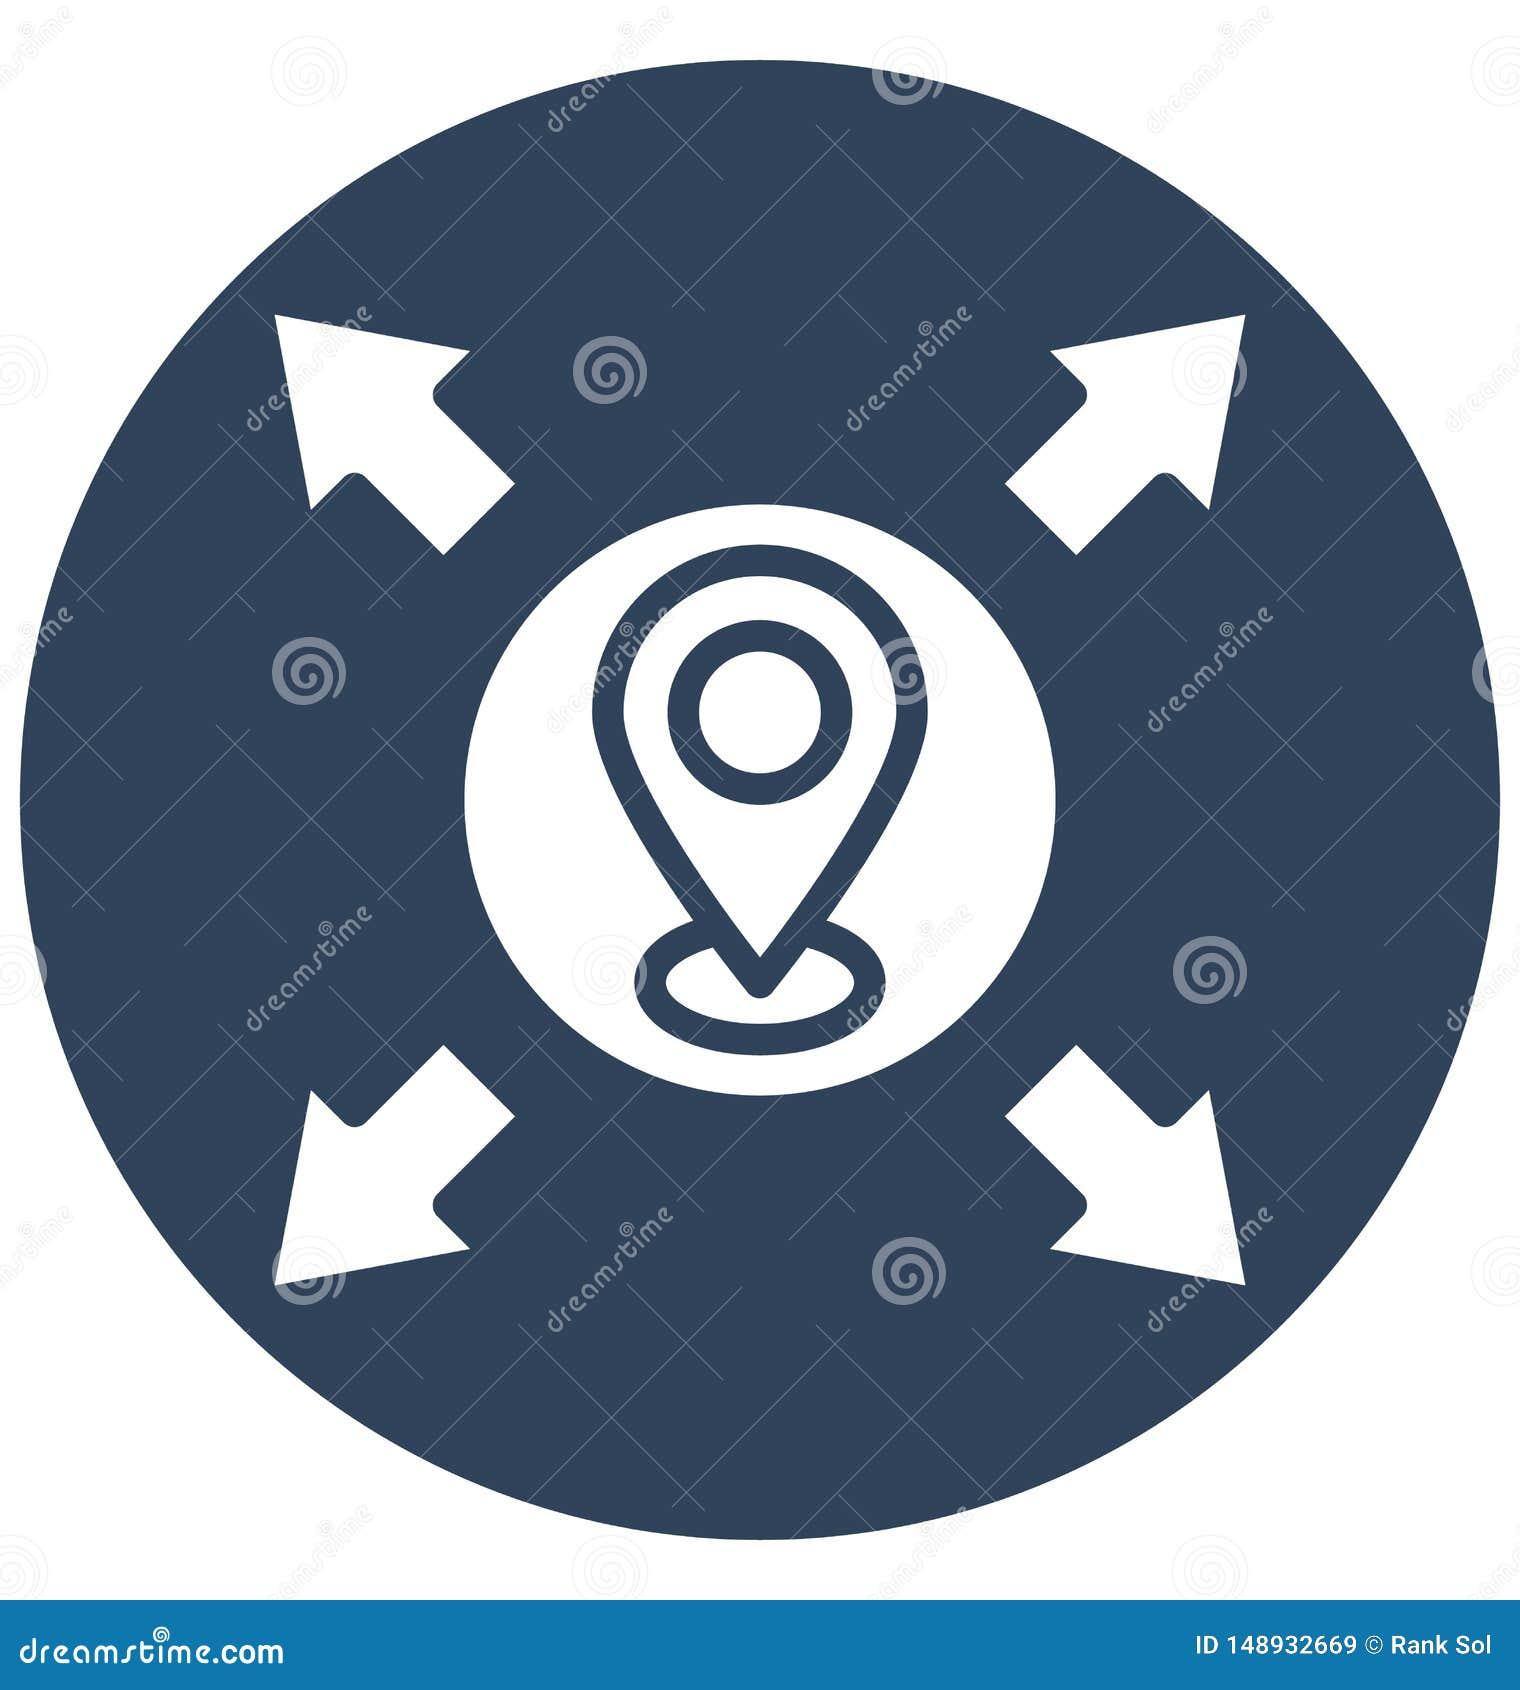 Drukuje Napędowych kierunki, Odosobniona Wektorowa ikona która może łatwo jeżdżenie kierunki, Odosobniona Wektorowa ikona która m